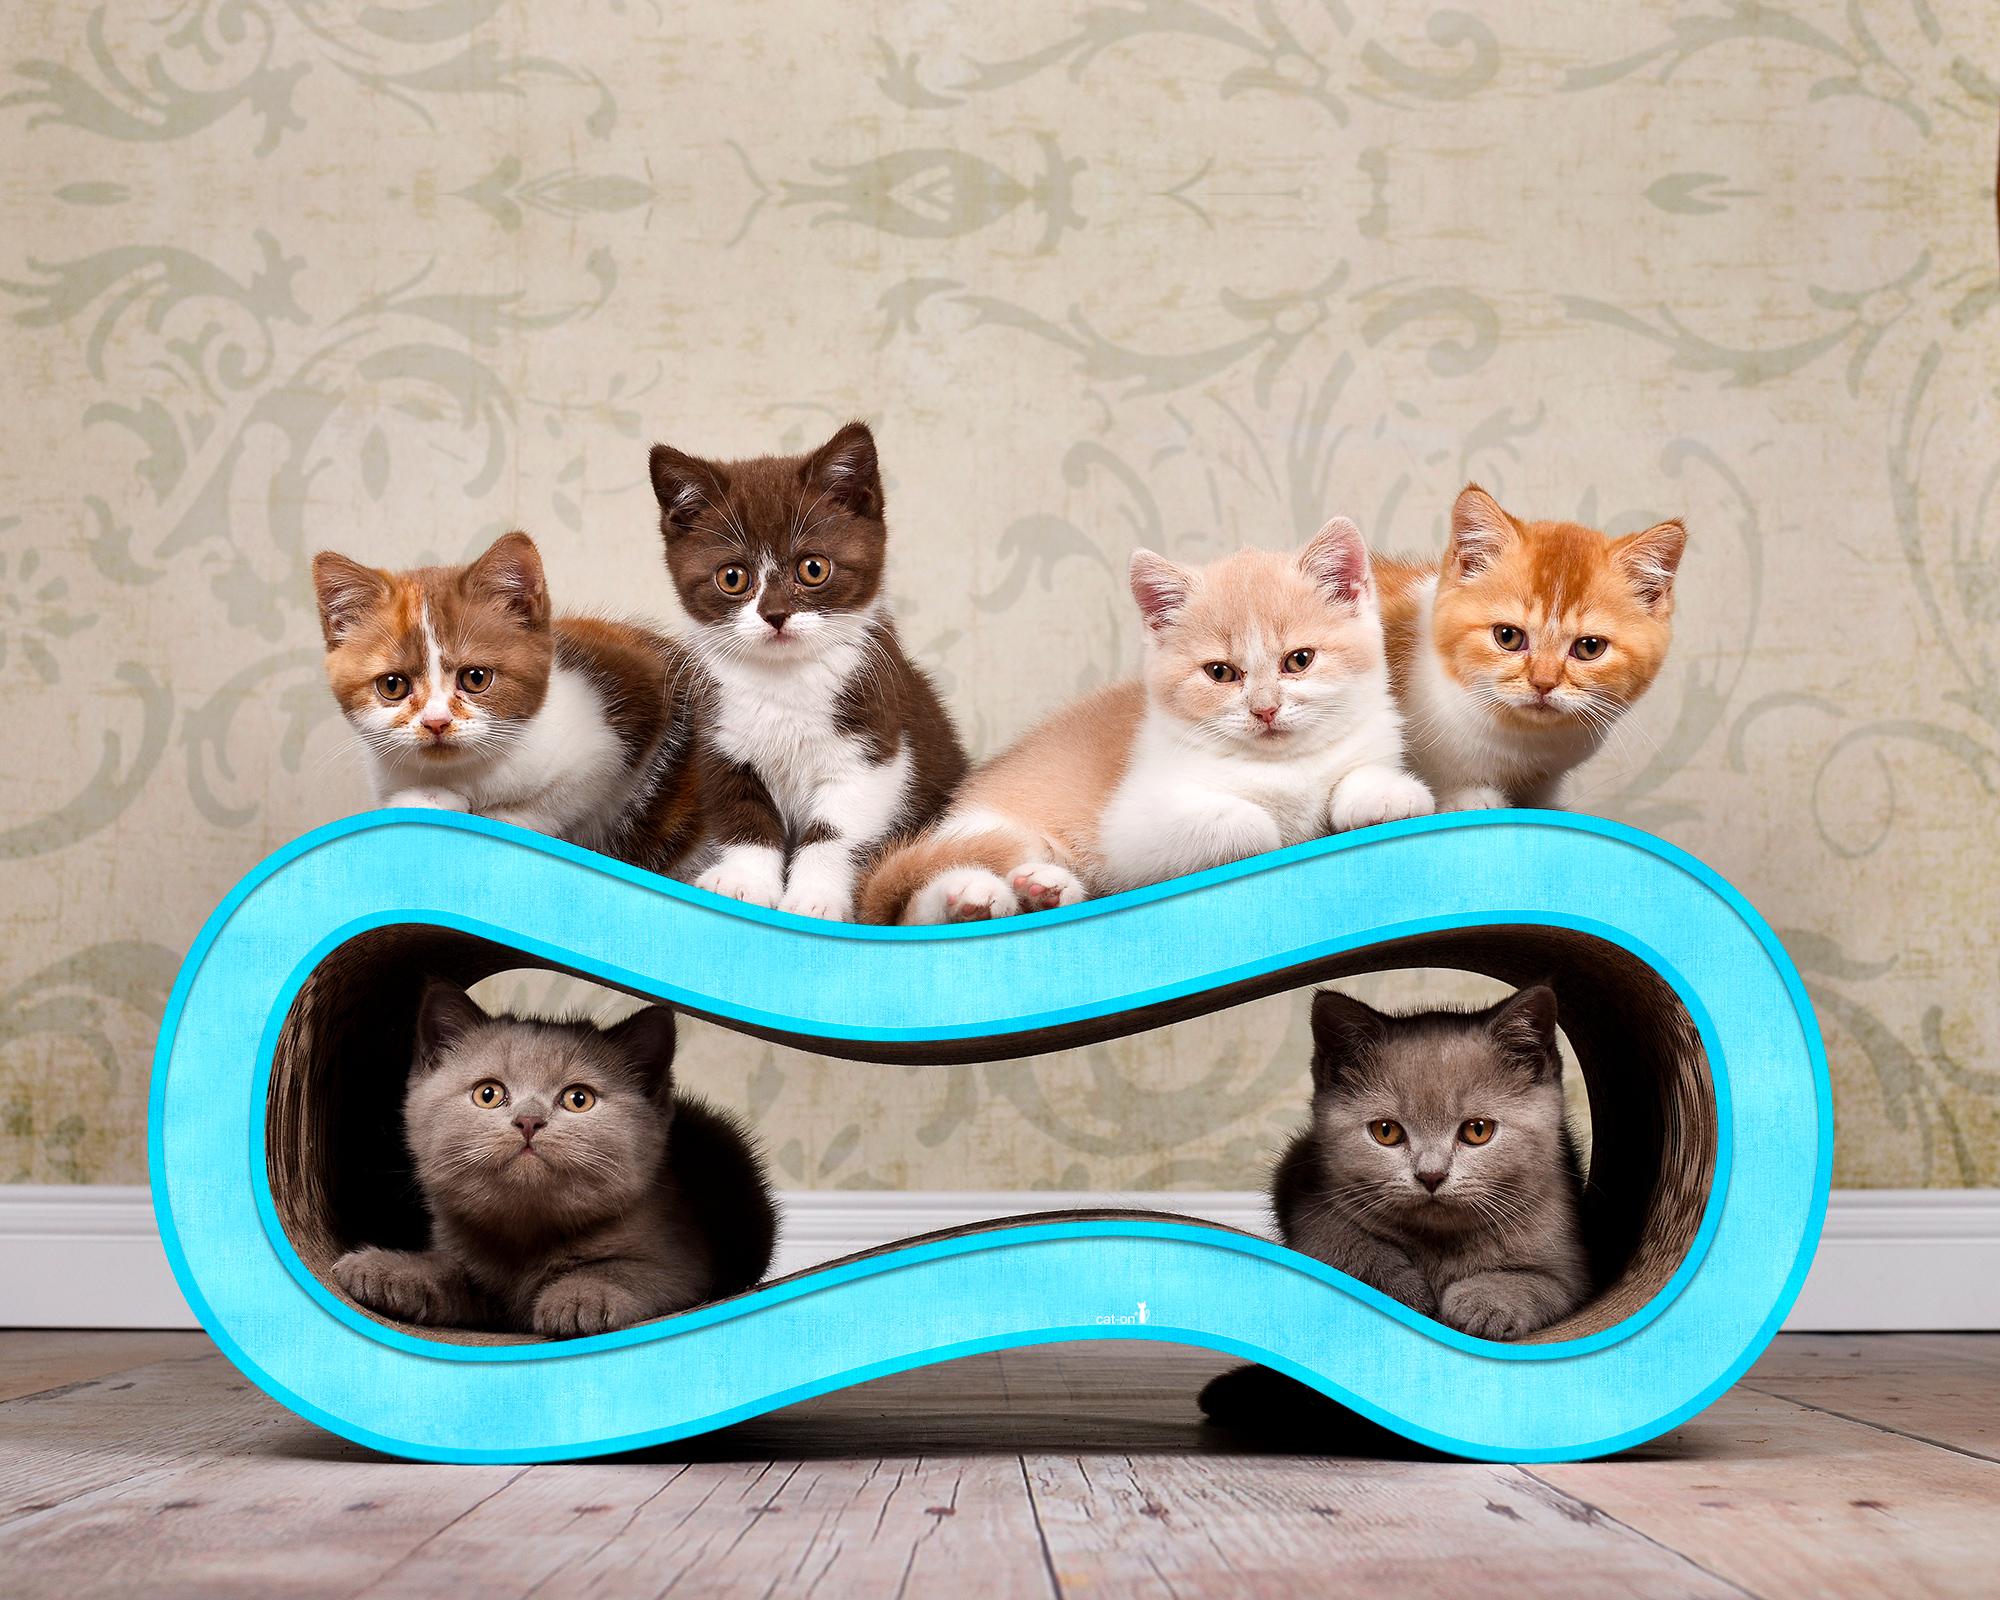 Möbel aus Pappe für Katzen Singha M - Farbe: hellblau 006d